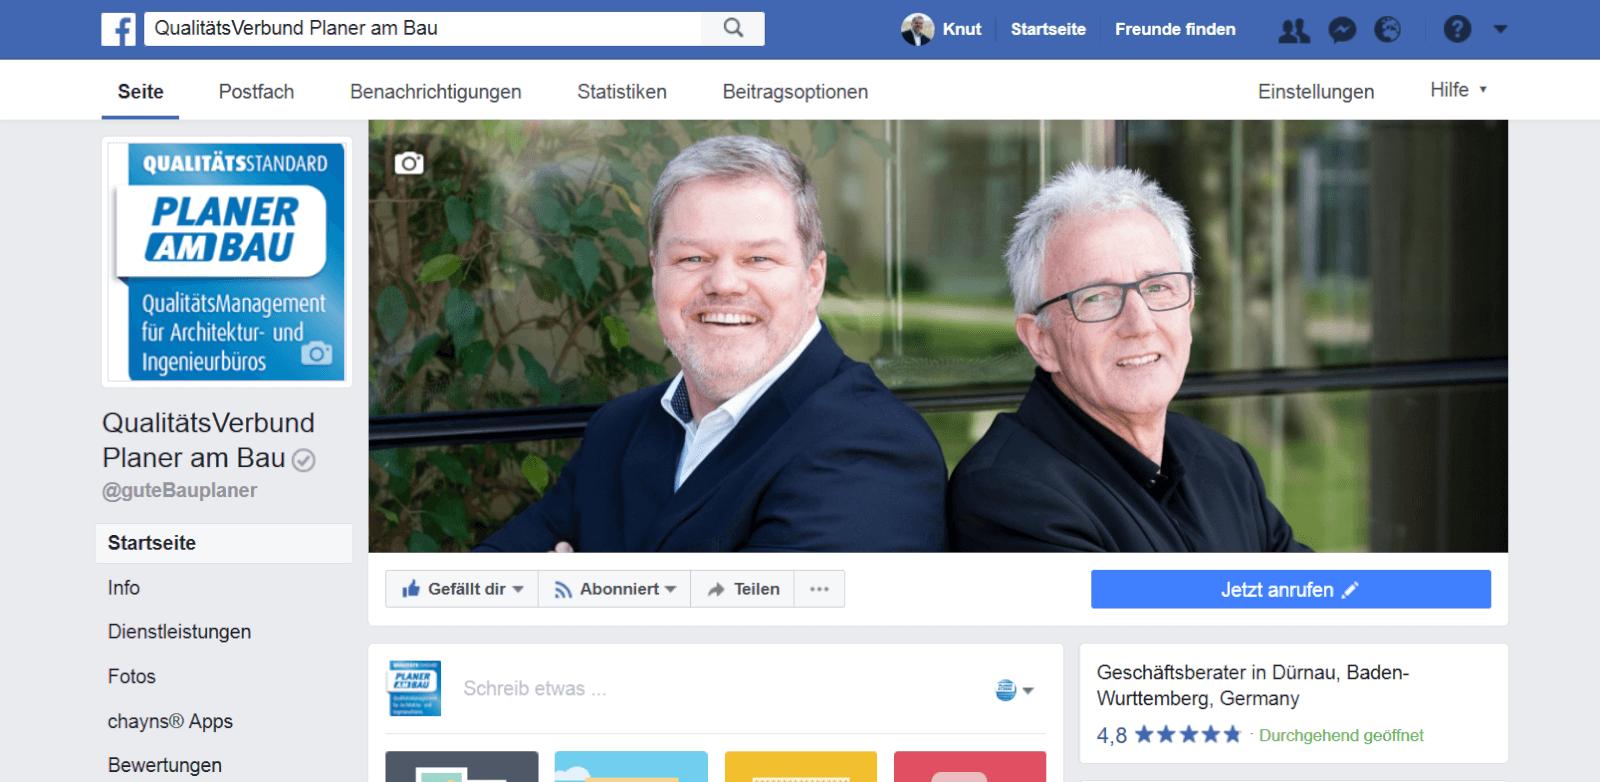 Facebook-Seite QualitätsVerbund Planer am Bau